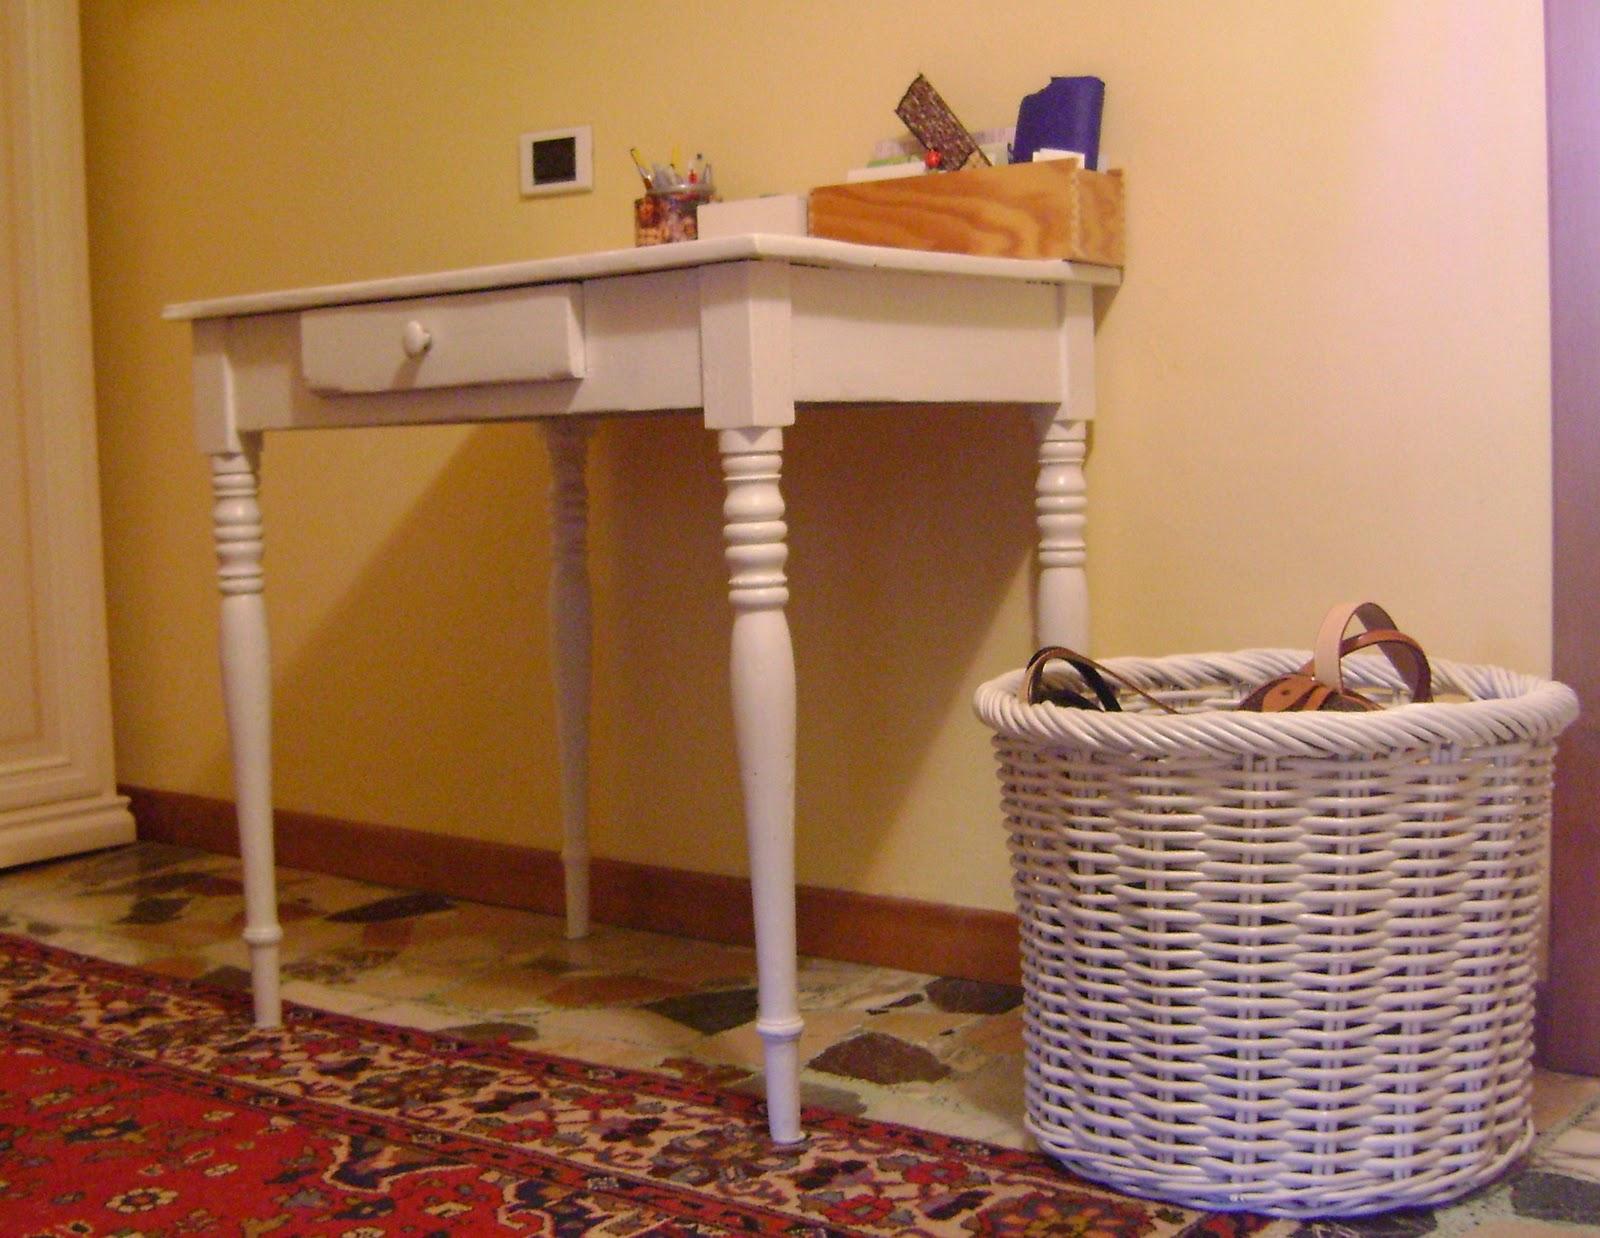 Tavolo Da Lavoro Per Cucire : Banco bancone tavolo da lavoro mt con cassettiera professionale